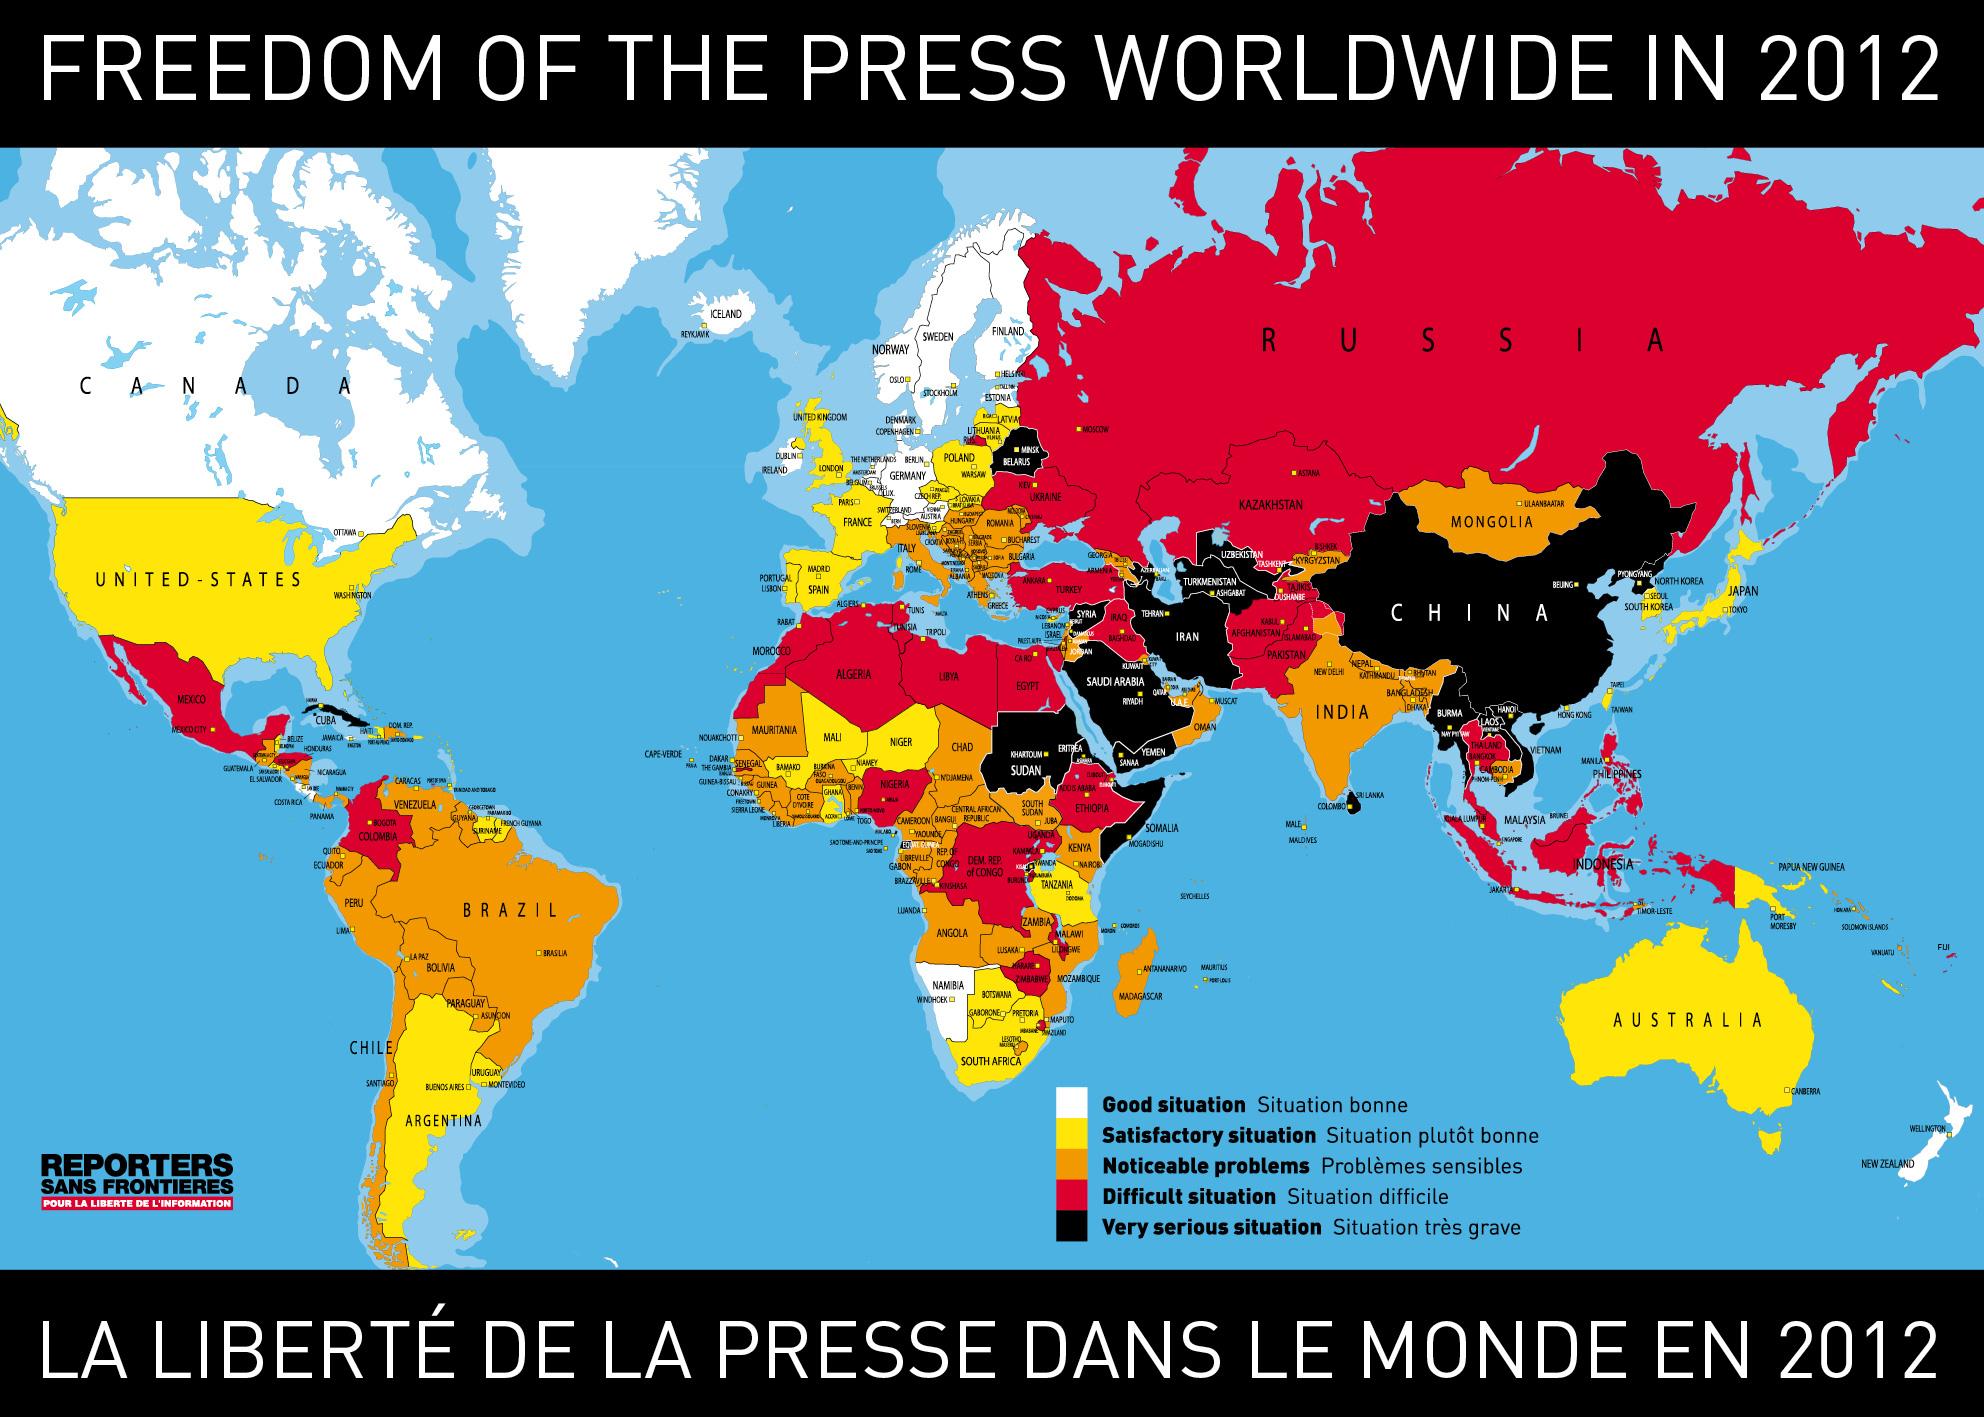 La liberté de la presse dans le monde en 2012